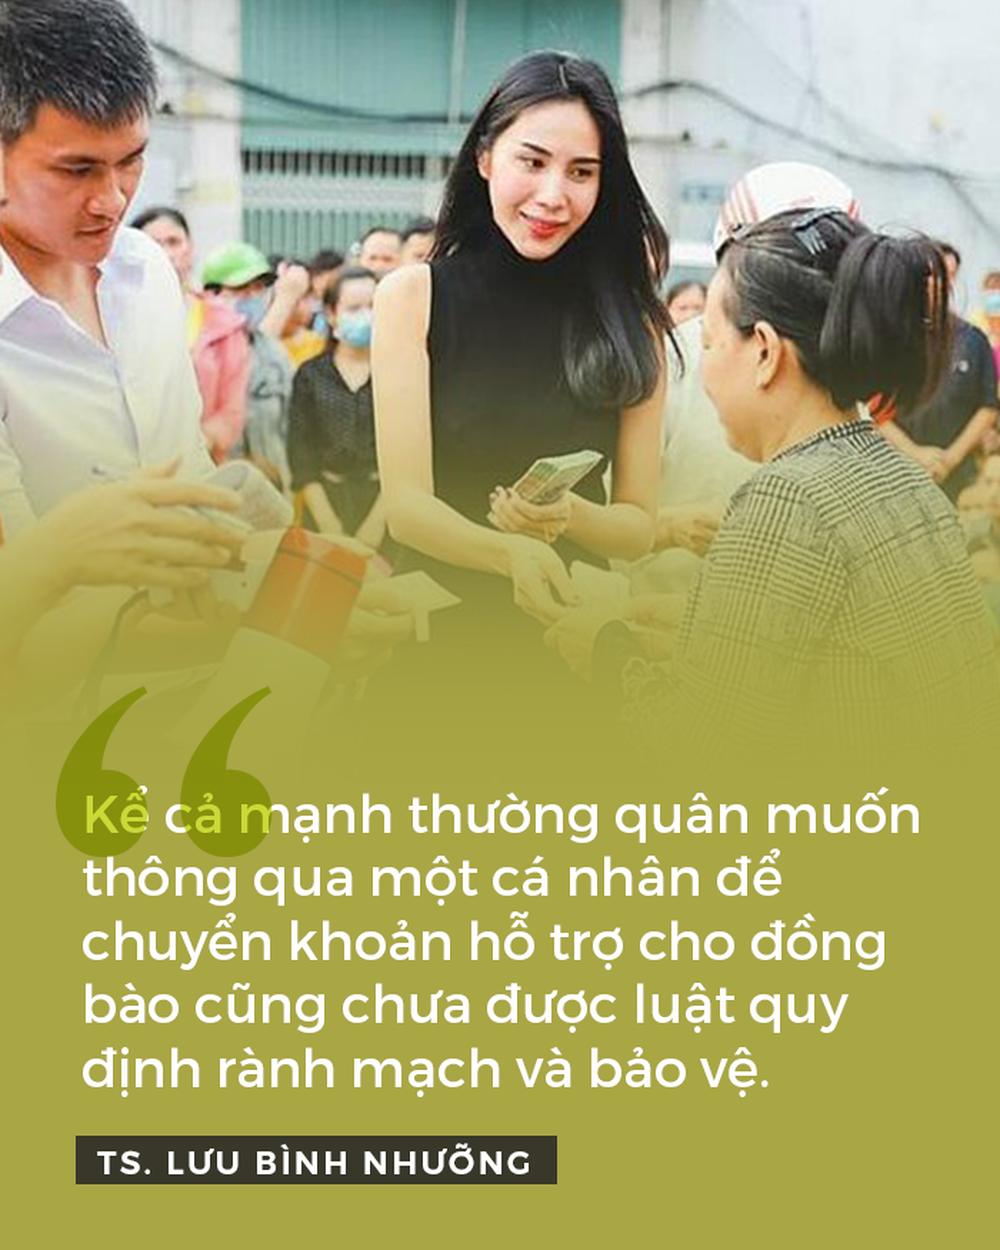 """Phó ban Dân nguyện Quốc hội: """"Rà soát tố cáo nghệ sĩ làm từ thiện của bà Phương Hằng là tất yếu-nhưng khi tố cáo ai phải có căn cứ - Ảnh 2."""